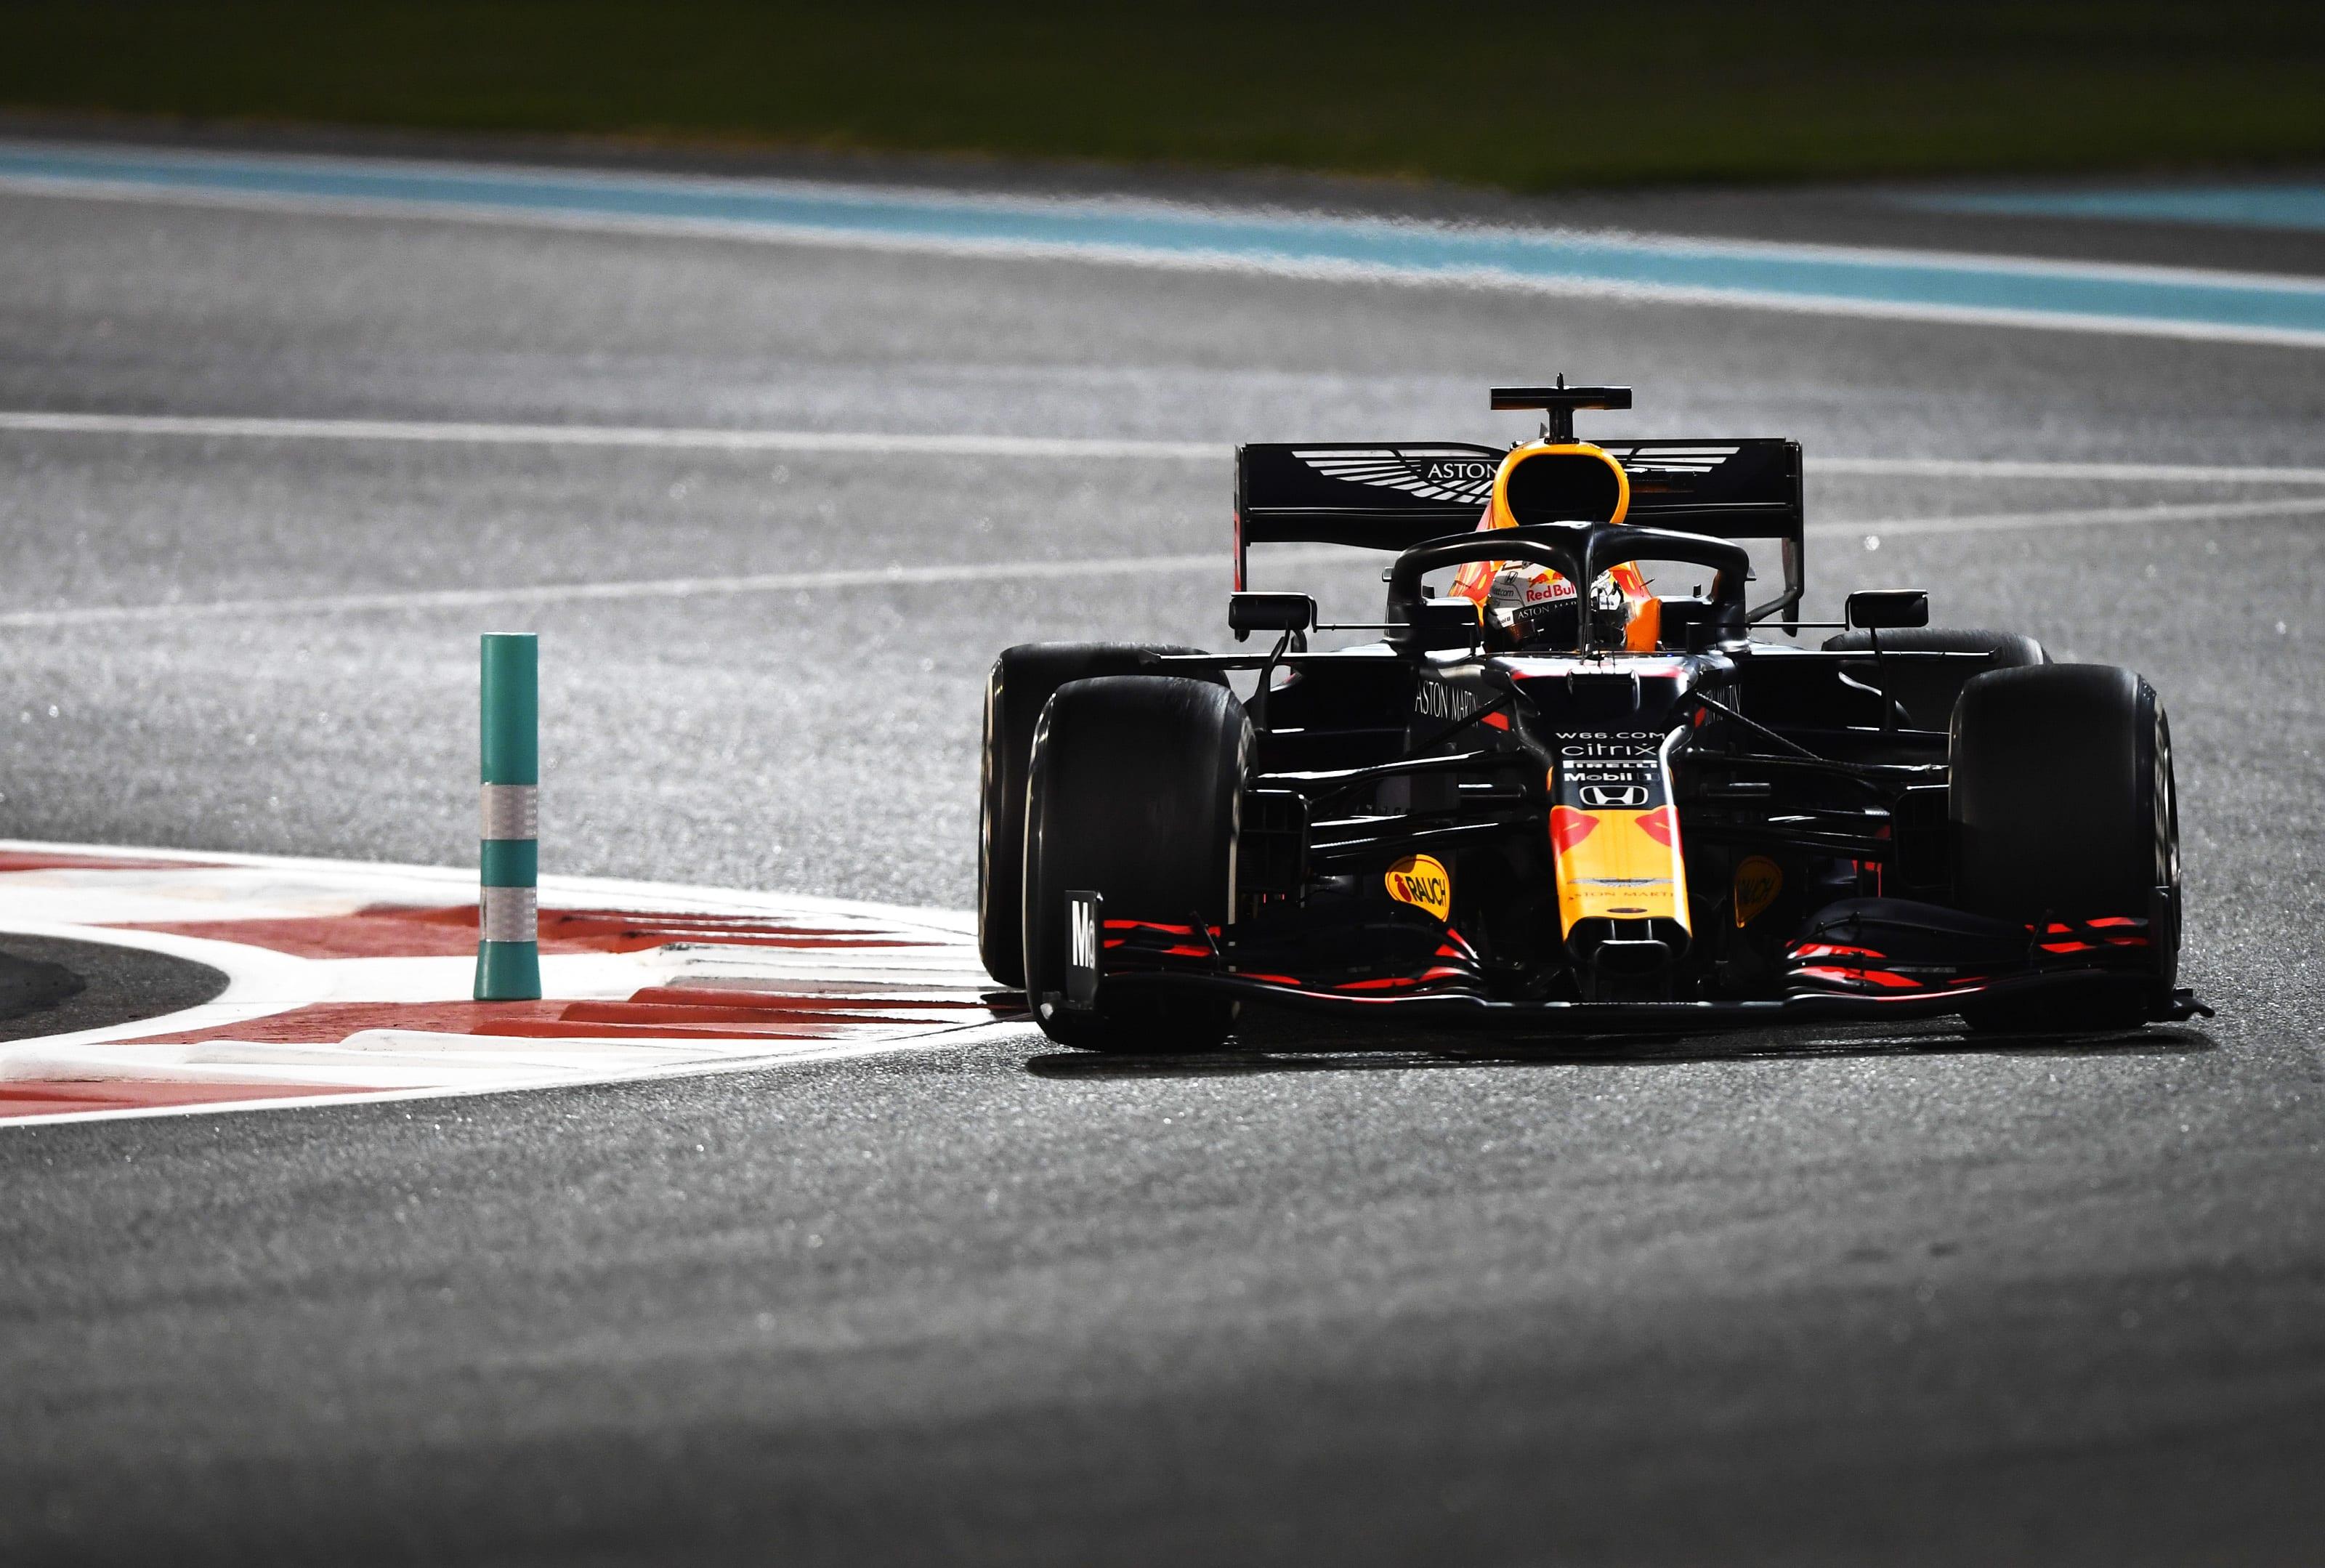 Max Verstappen, Formula 1